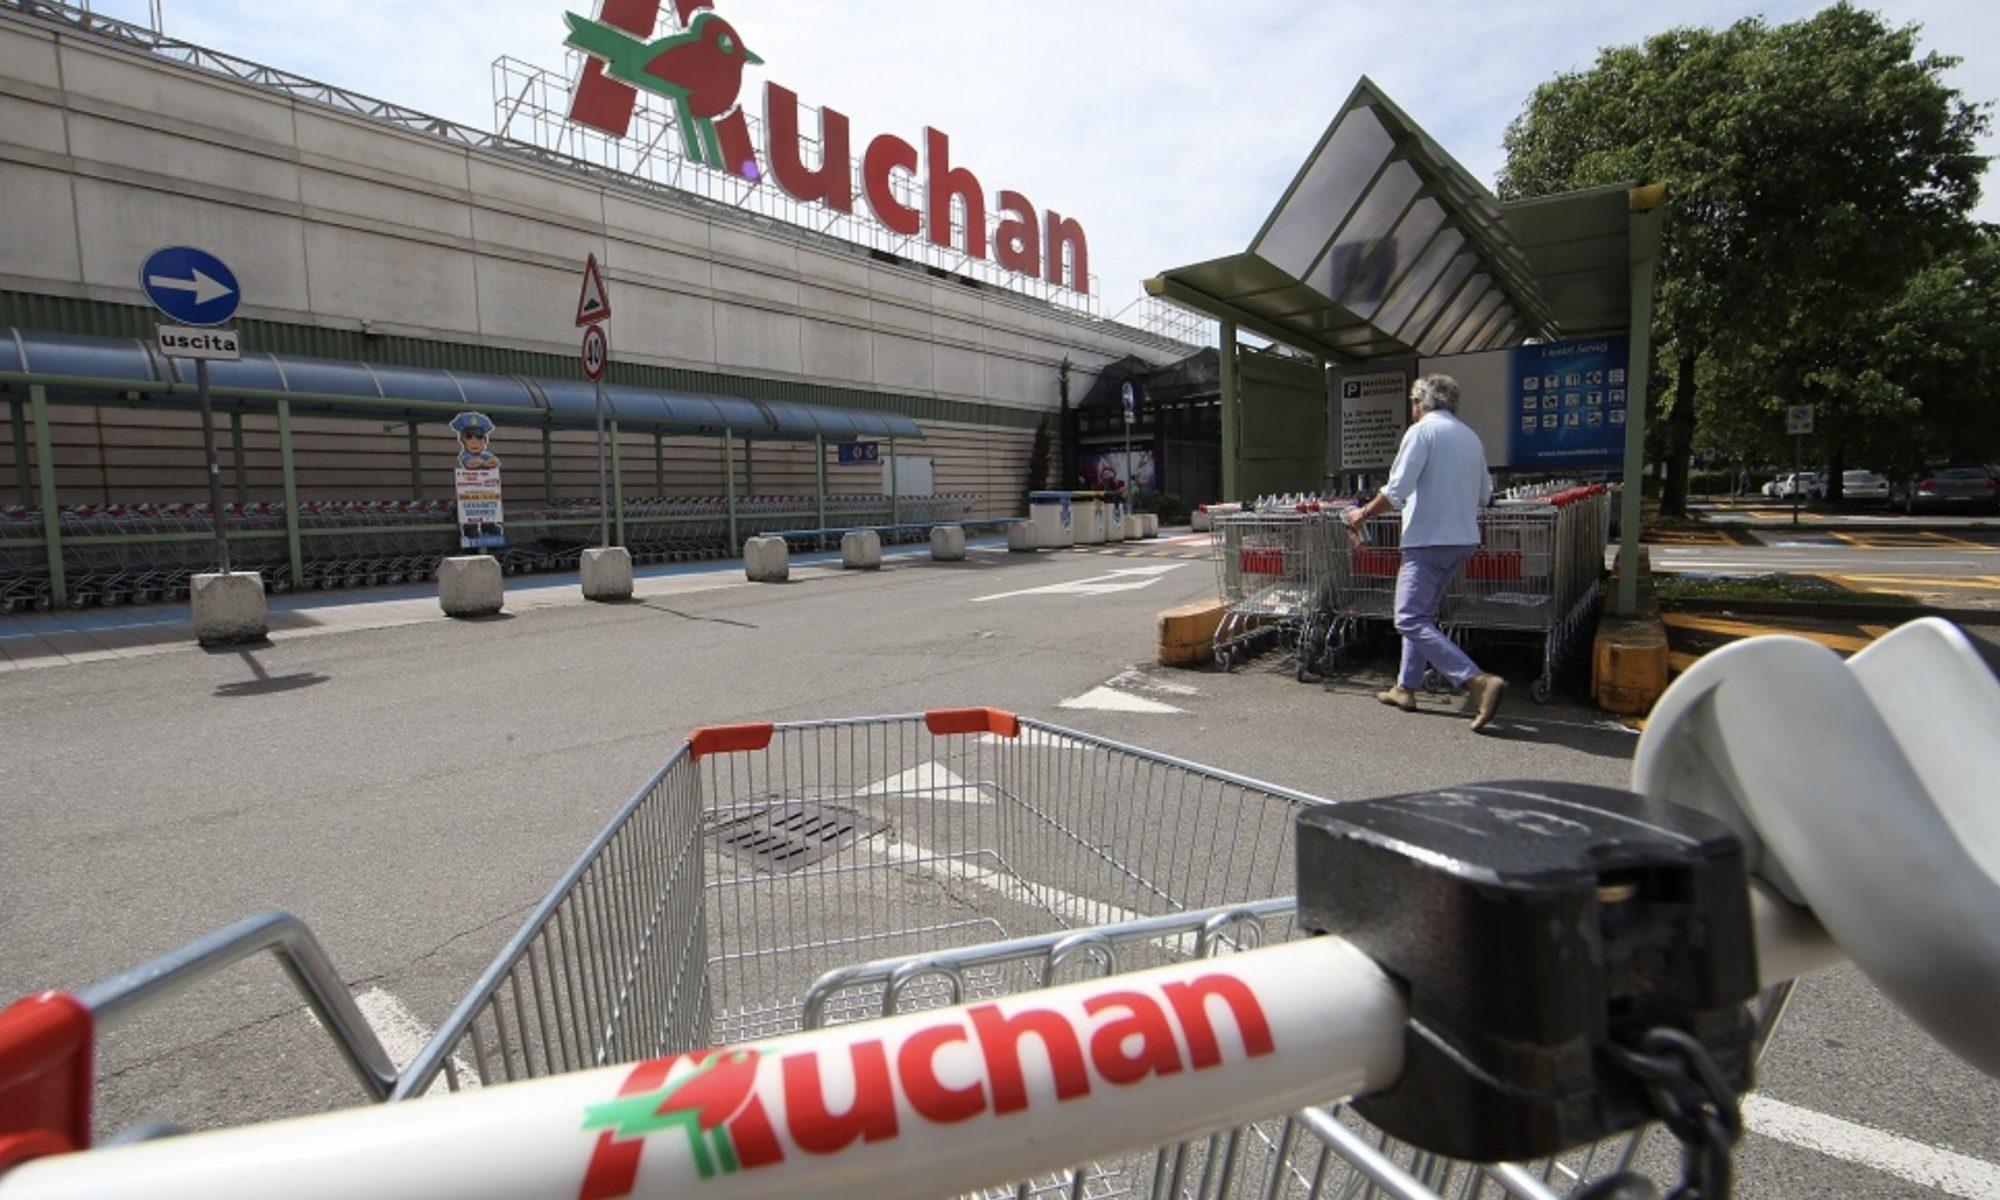 Auchan Tavoli Da Esterno.Conad Auchan Un Tavolo Negoziale Da Ricomporre Rapidamente Il